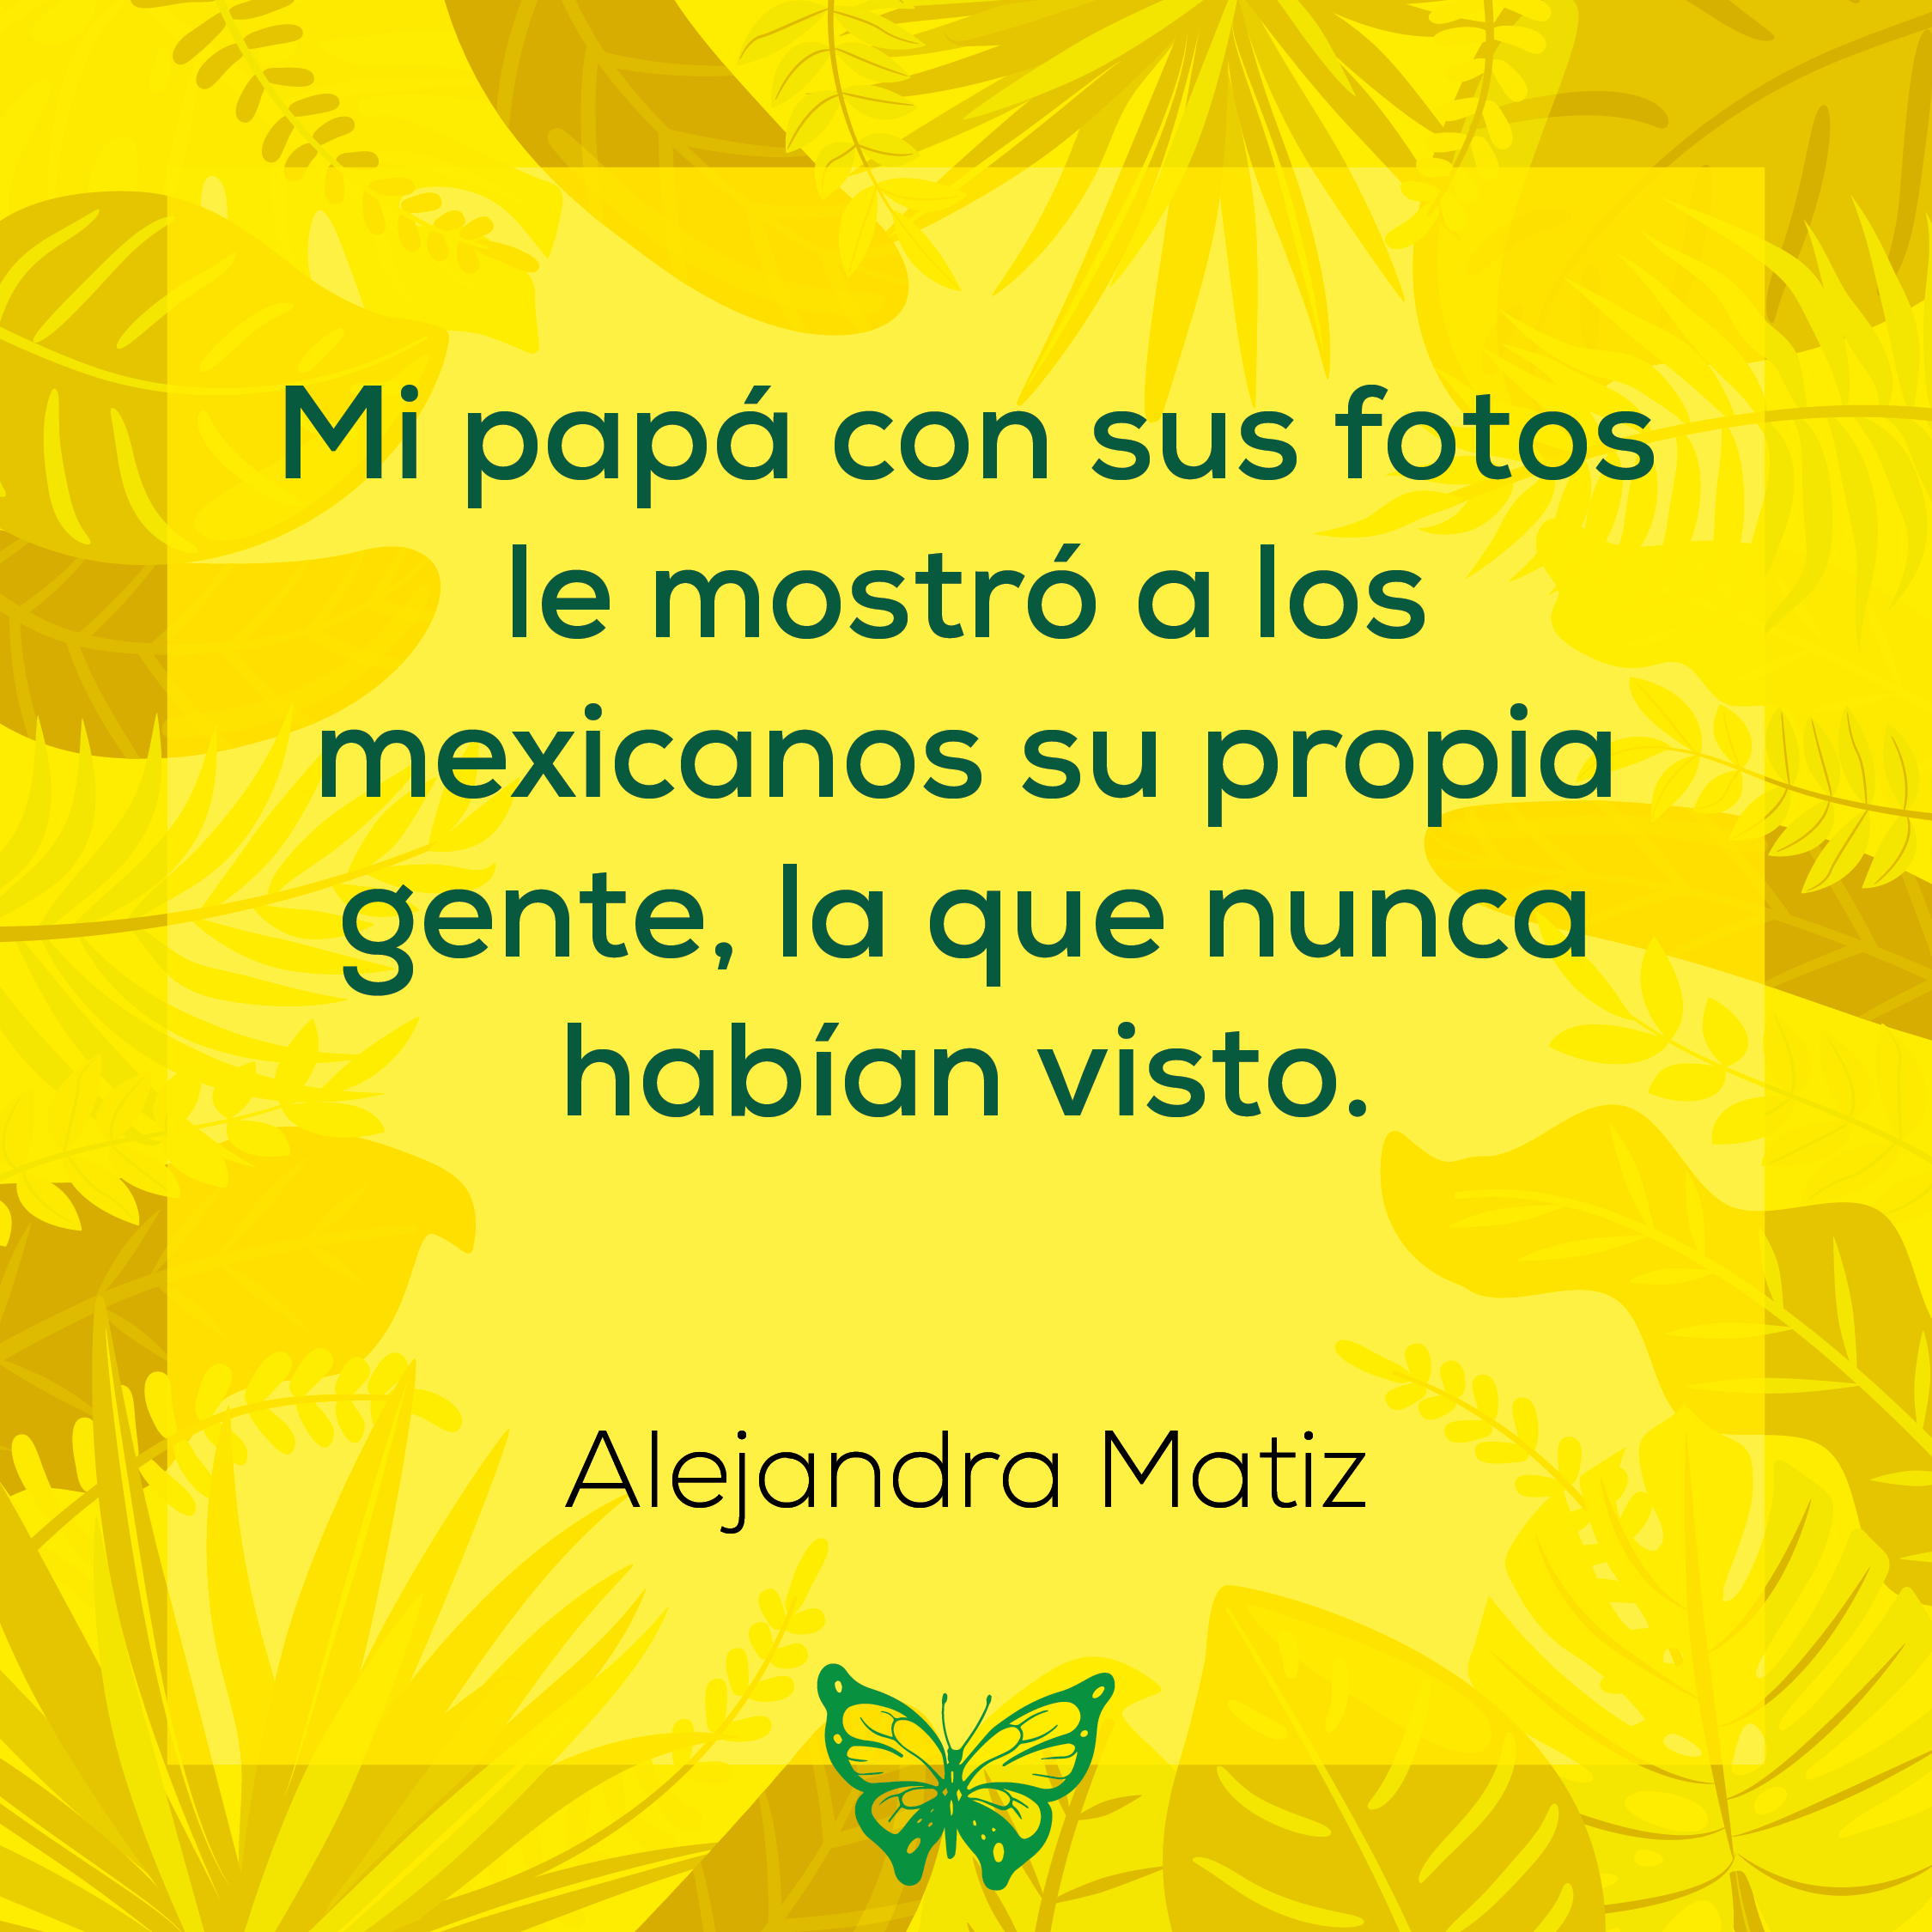 Podcasts de la EIRM. Capítulo 6 (1). Memorias de Alejandra Matiz sobre su padre Leo Matiz, el muralista de la lente.